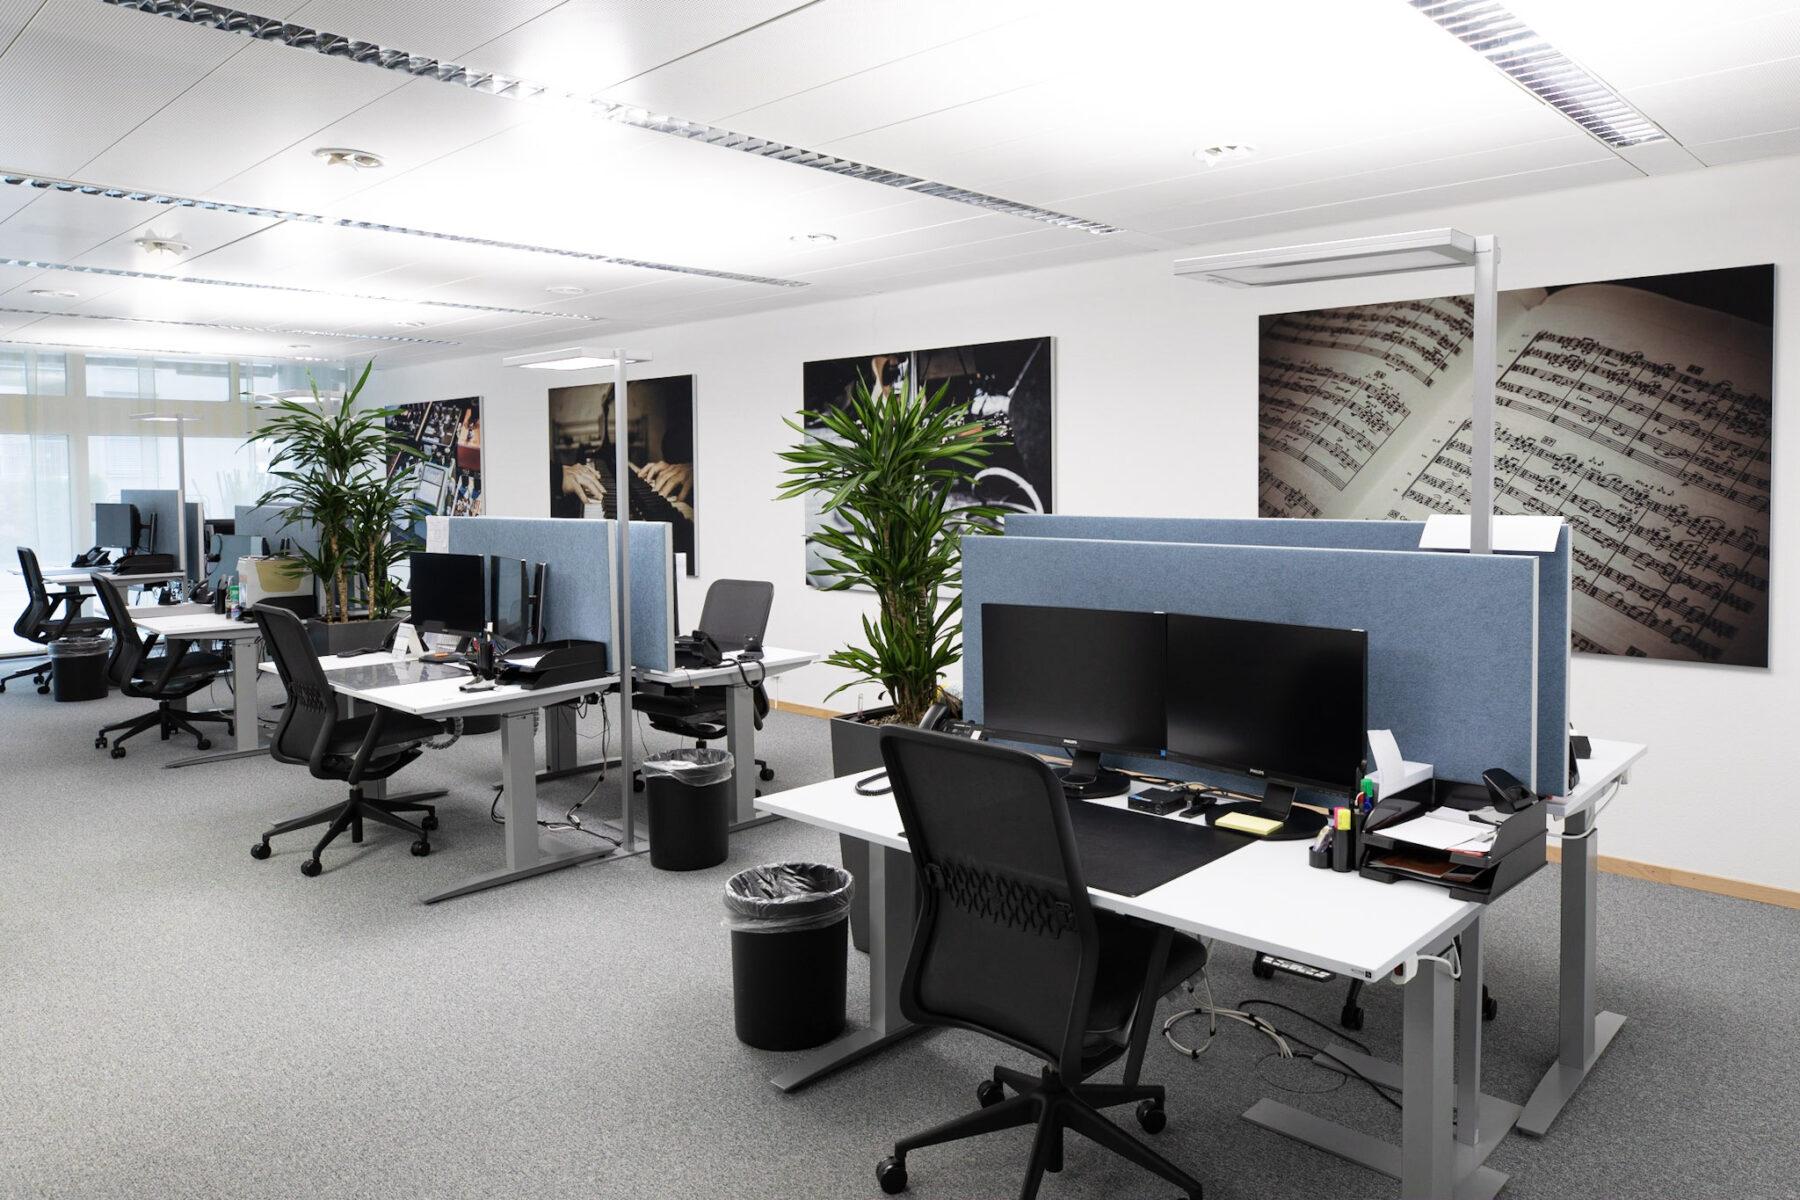 Referenz SUISA - Akustiklösungen für Ihr Büro mit Stellwänden, Schreibtischtrennwand, und Schallabsorber Wand von Preform